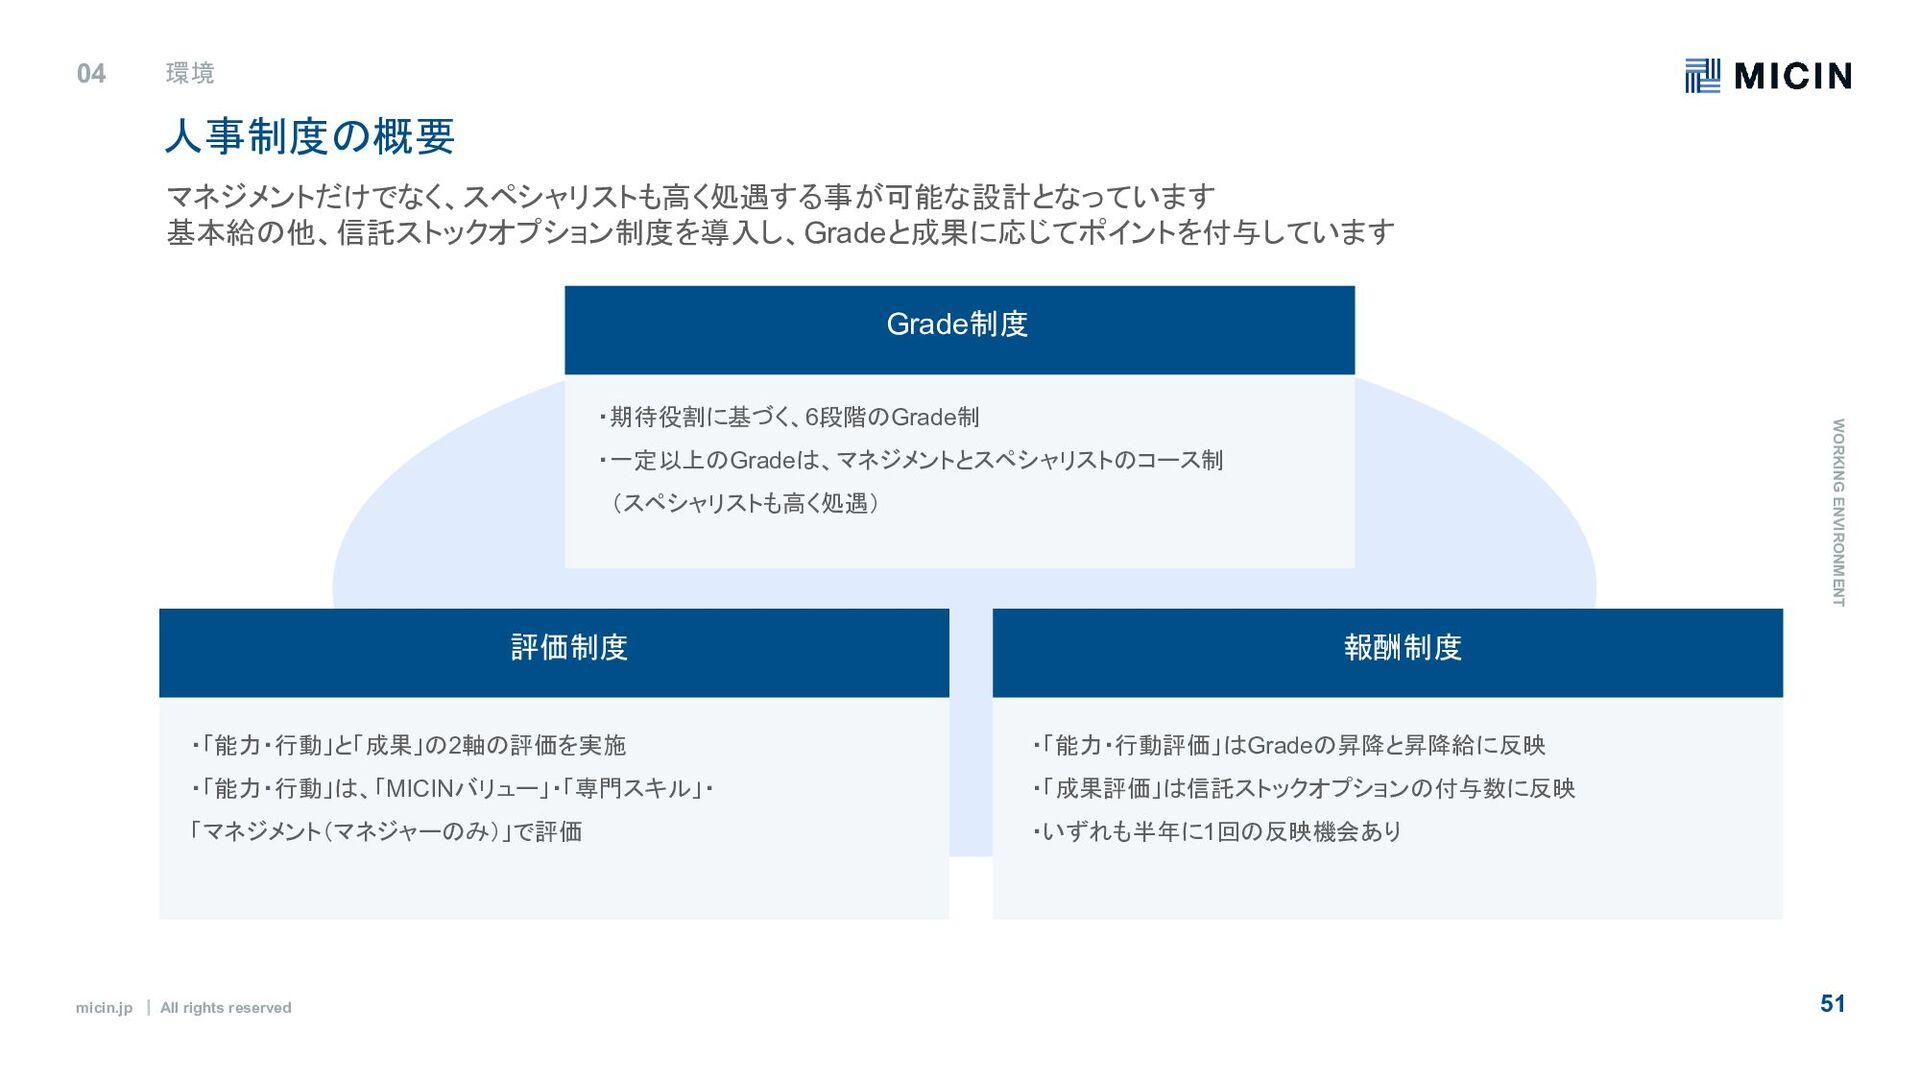 micin.jp ʛ All rights reserved 51 micin.jp ʛ Al...